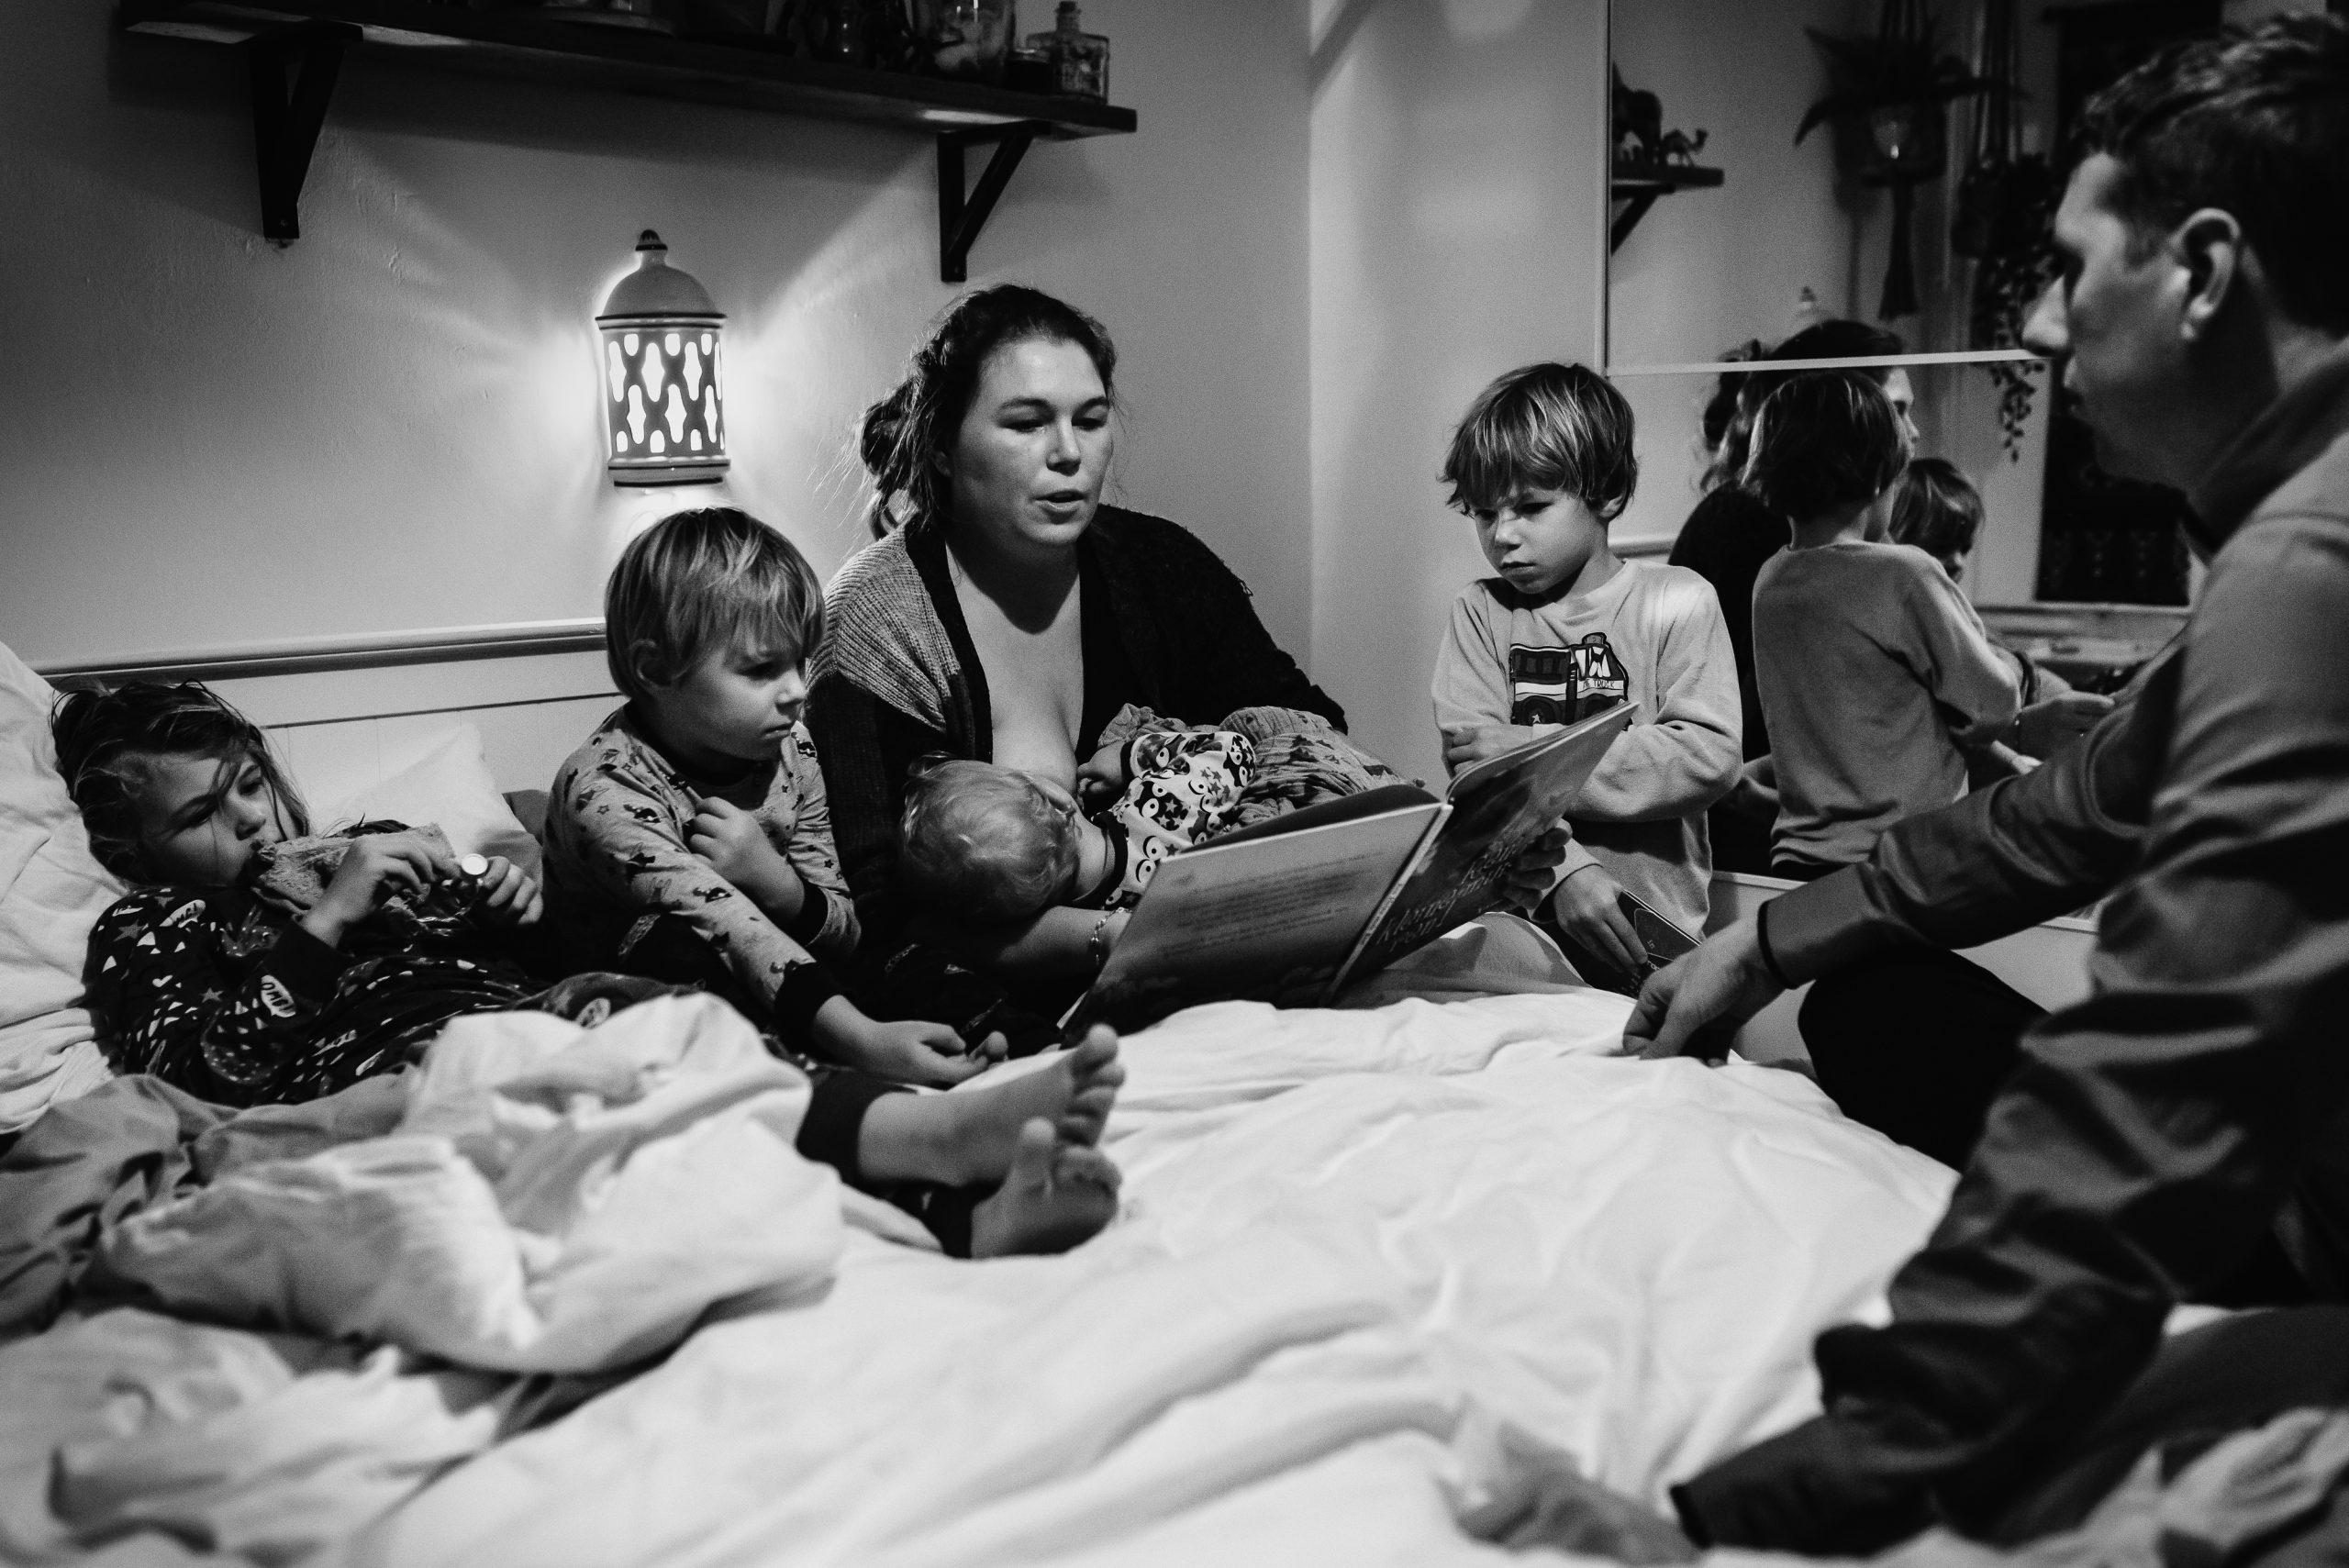 Groot gezin, het gezinsleven, gezinsfotograaf, Assen, Drenthe, familiefotograaf Assen, Familiefotograaf Drenthe, familiefotograaf, gezinsfotograaf assen, zwart/wit fotografie, avond ritueel in gezin, alle kinderen samen